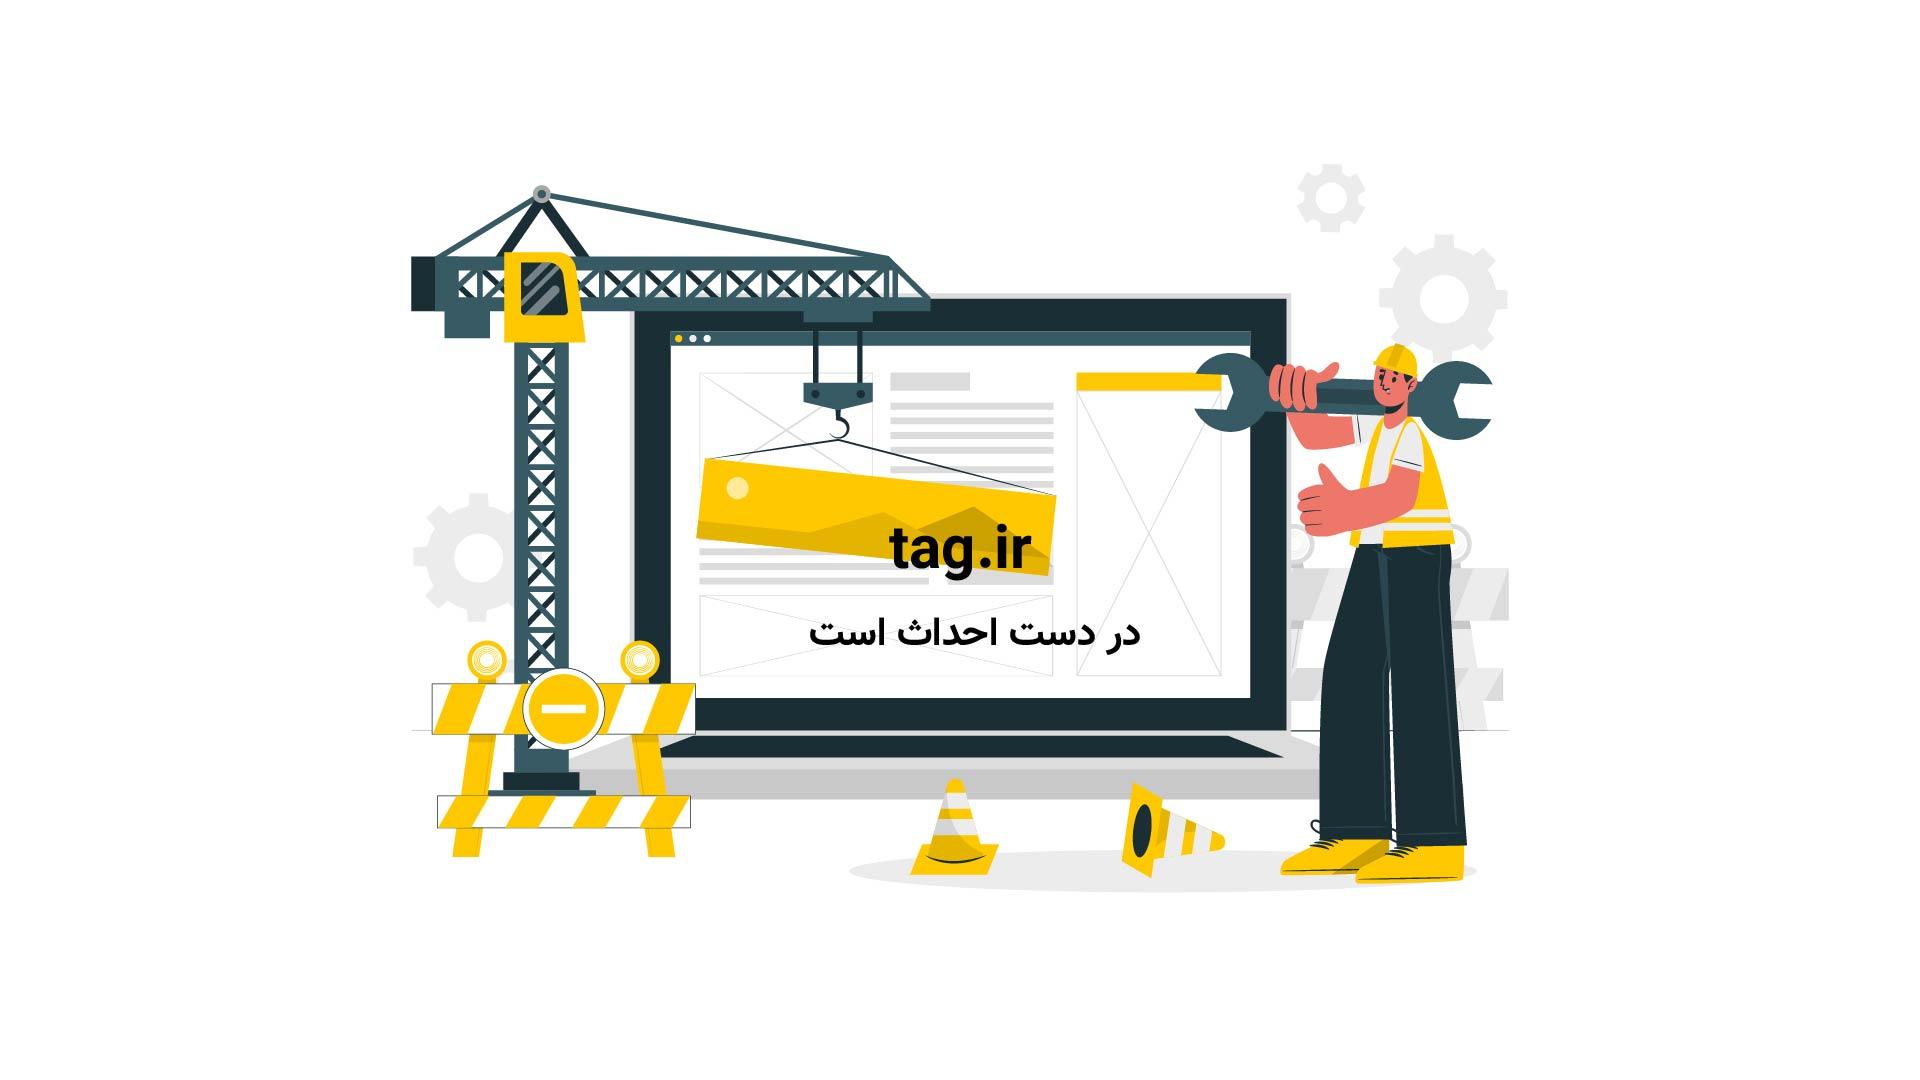 لباس فضانوردی | تگ